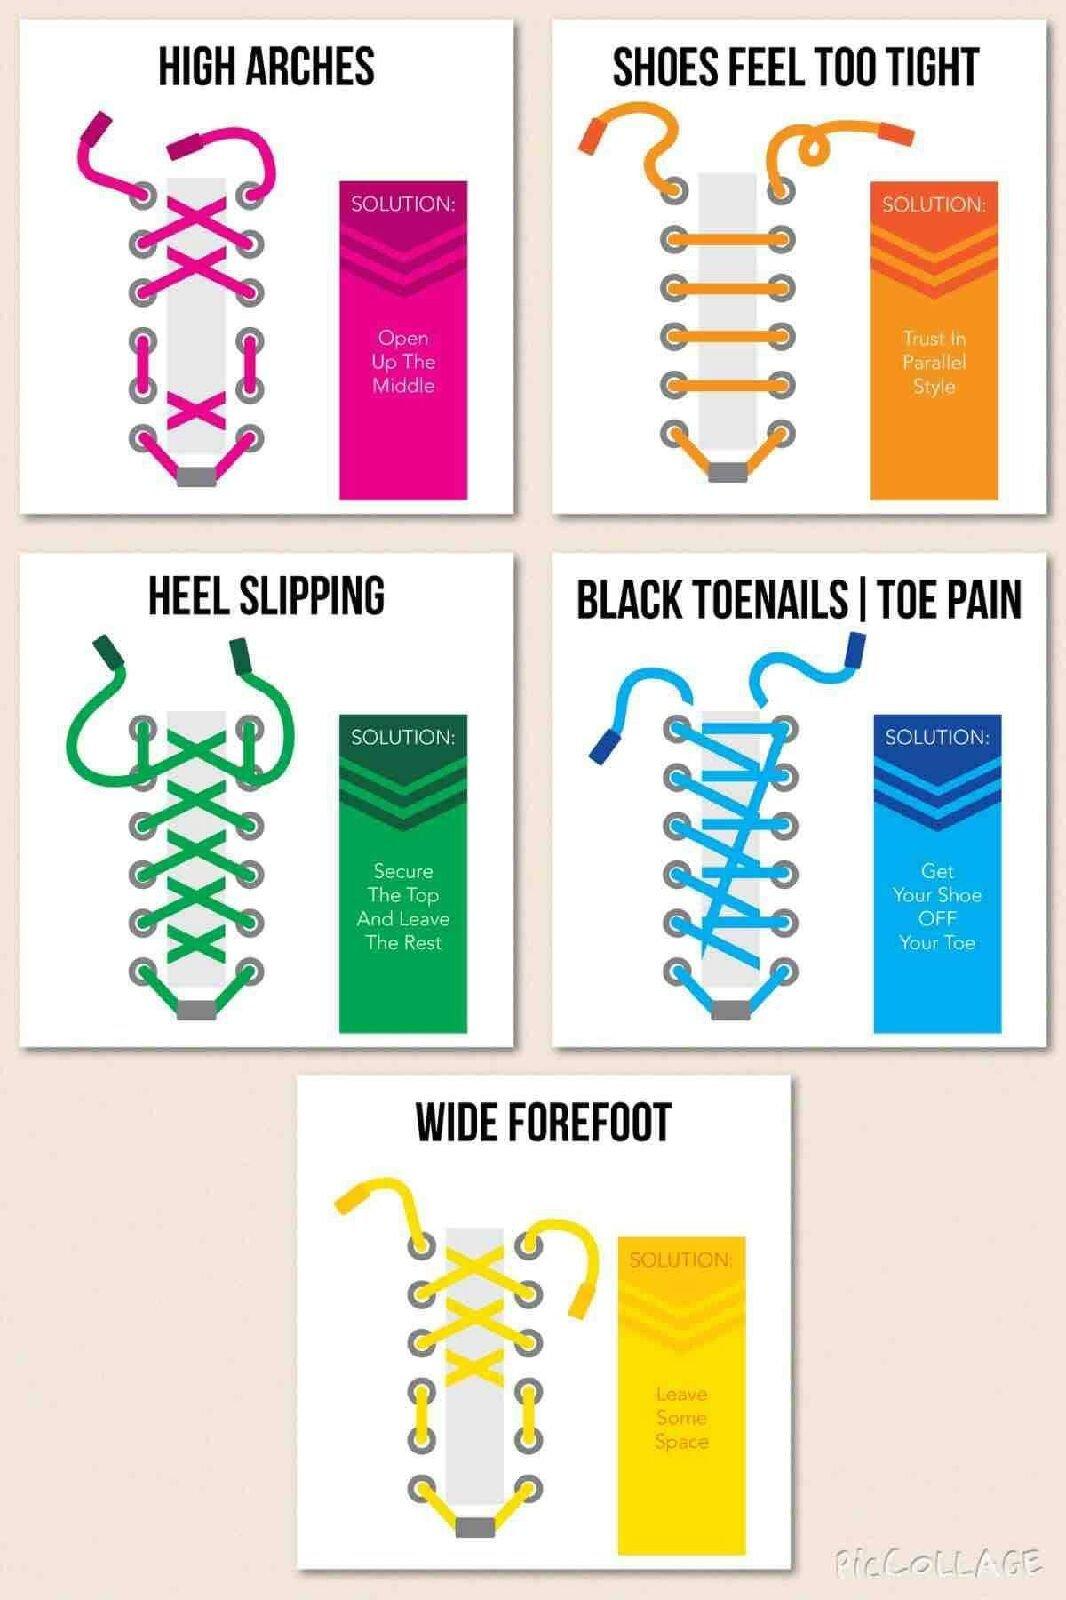 Shoe Lacing Techniques - We Walk This City